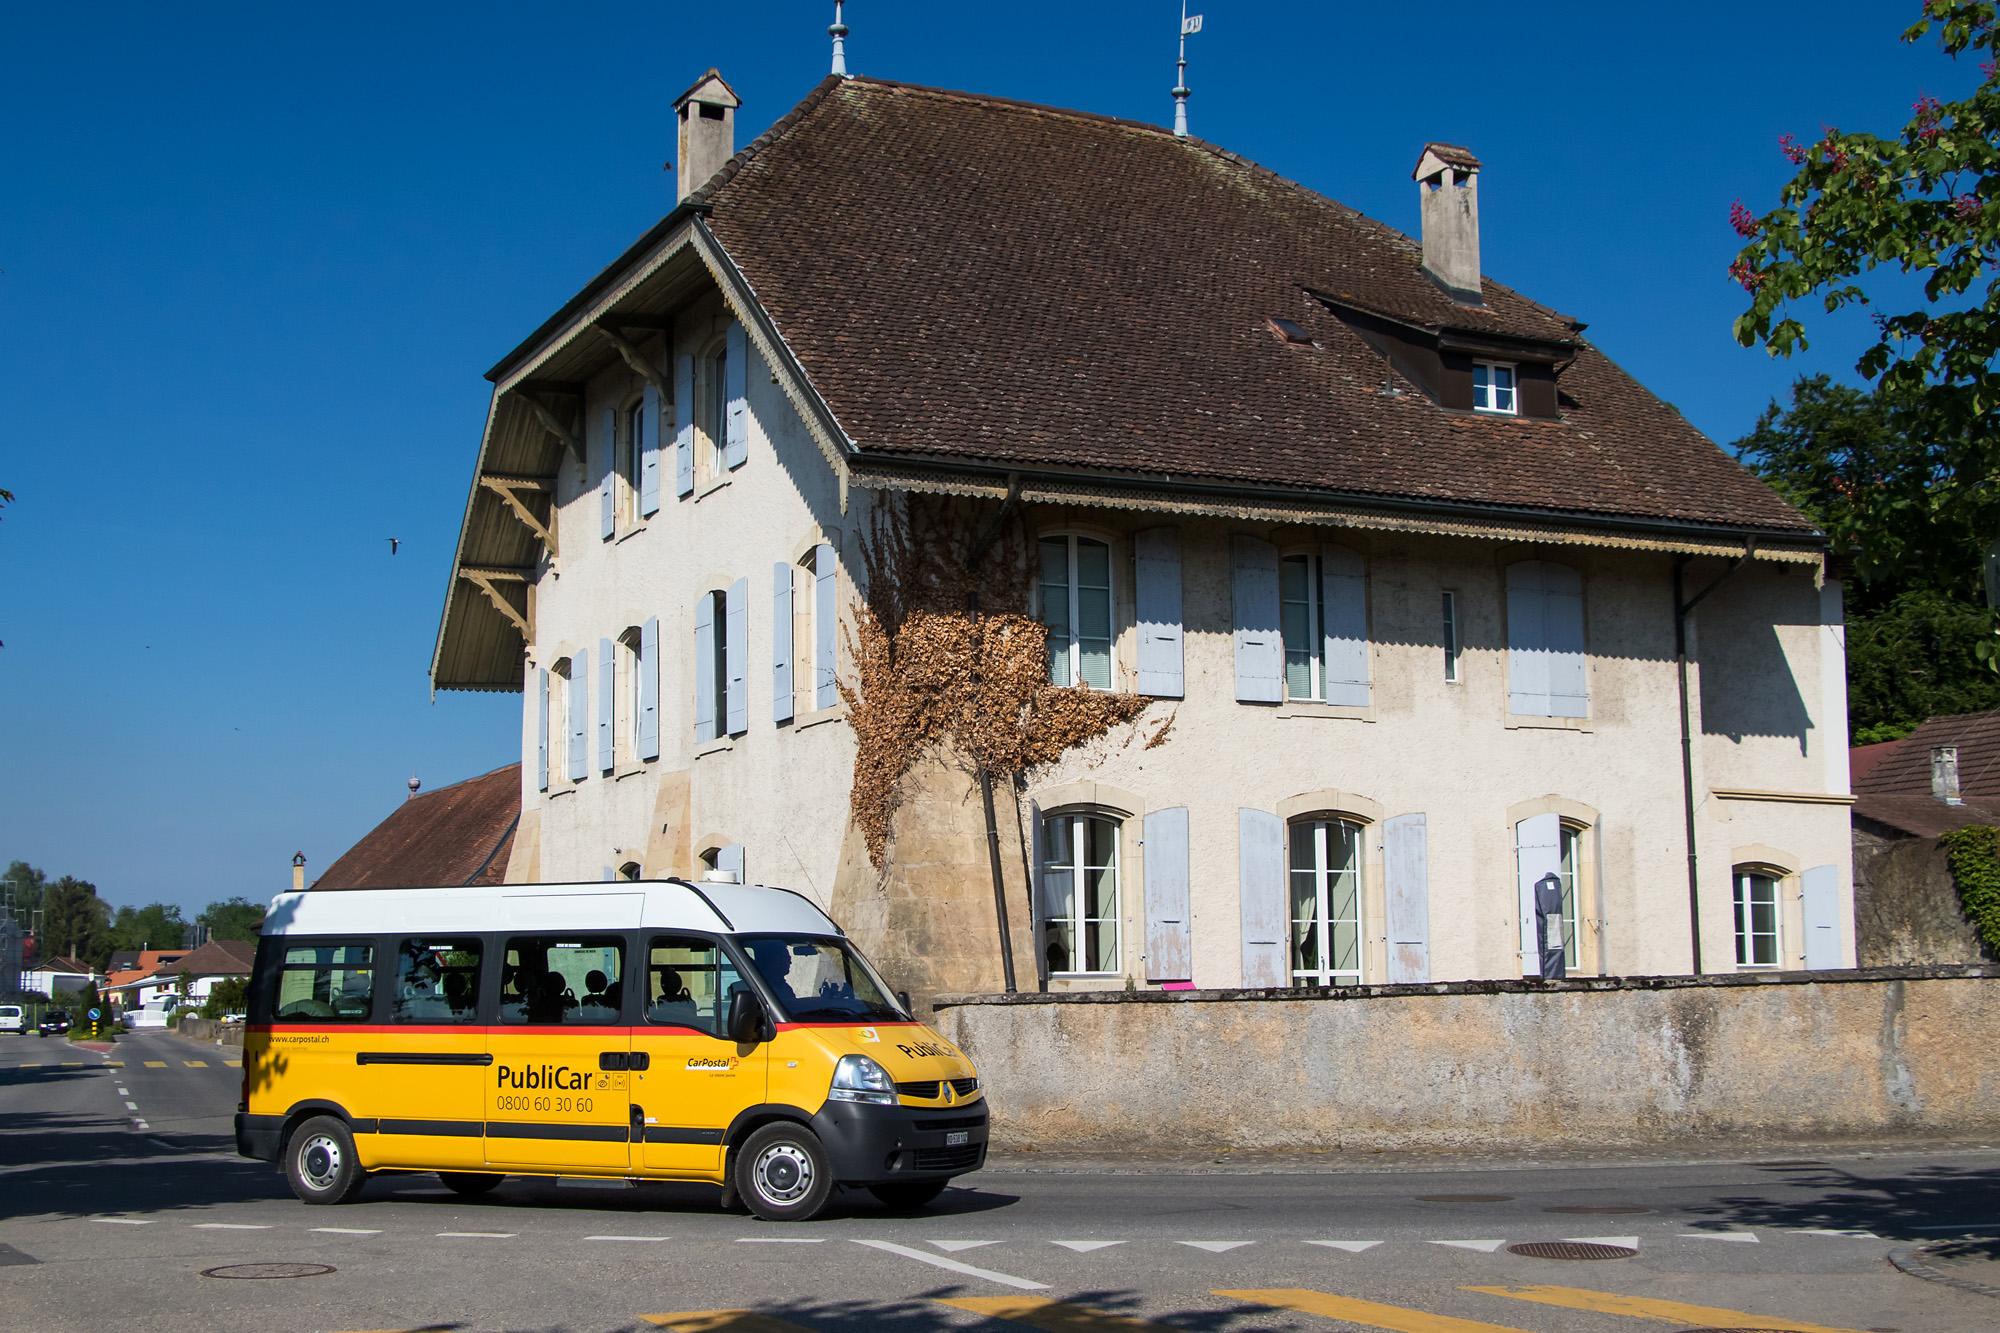 Mein Kleinbus nach Ins trifft in Cudrefin ein